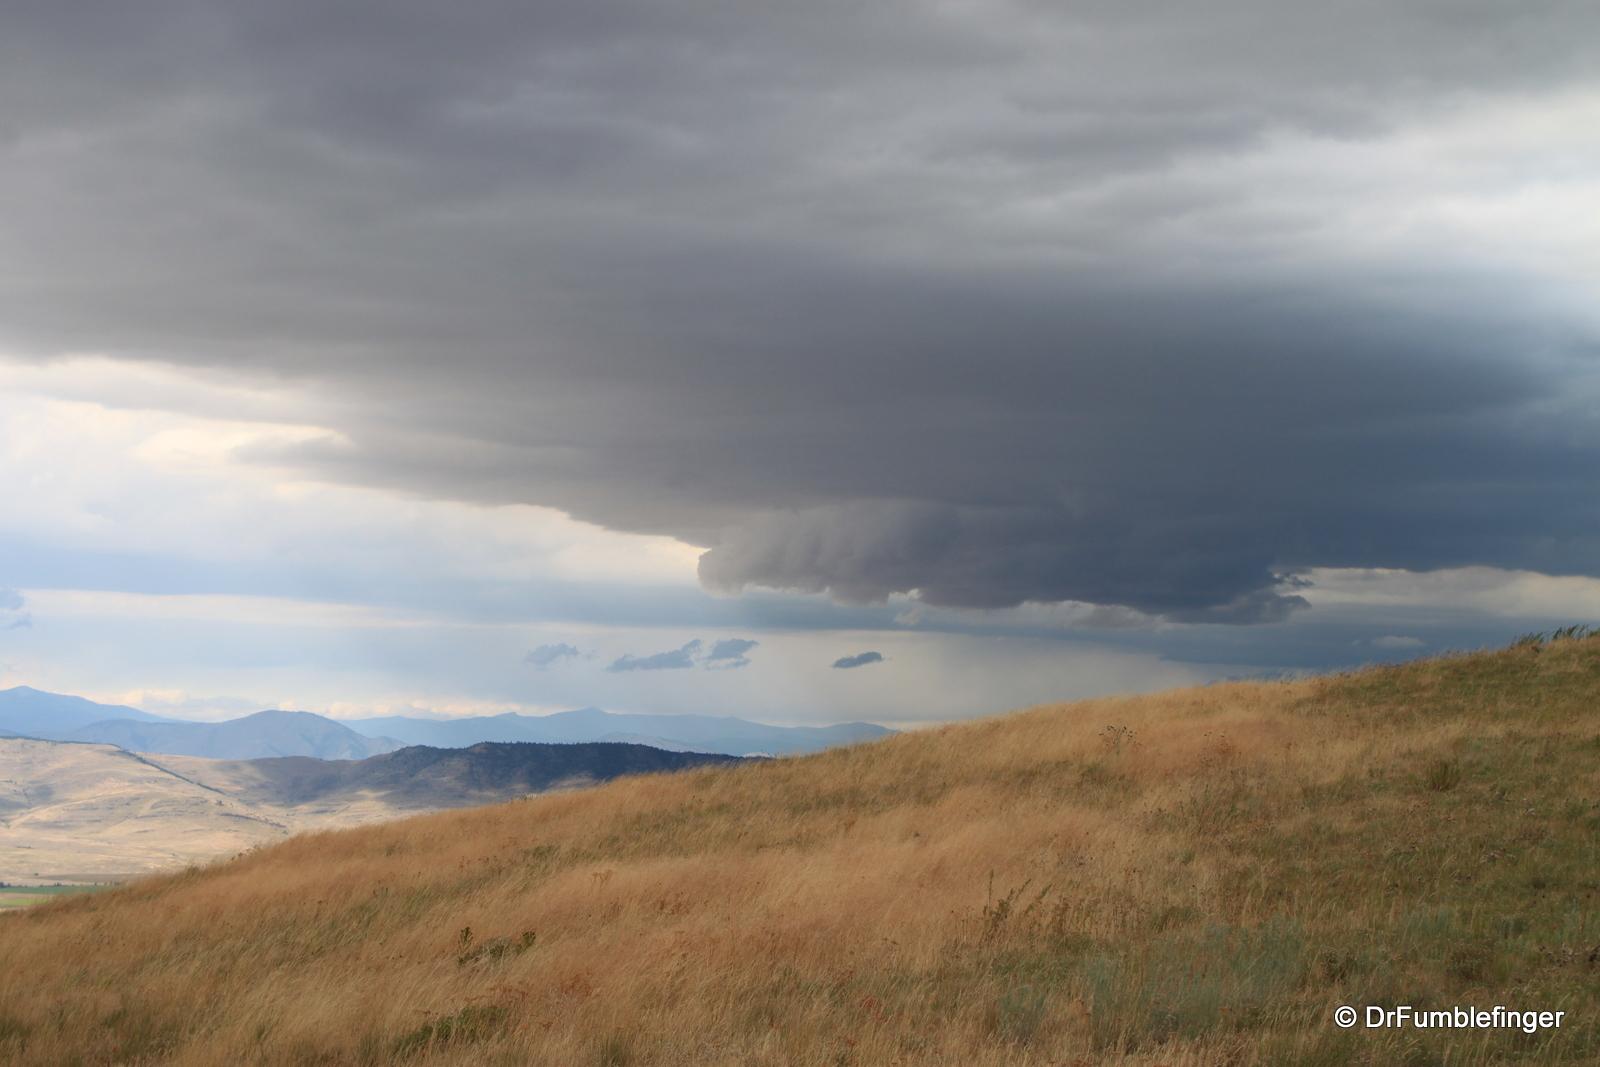 Thunderstorm over National Bison Refuge